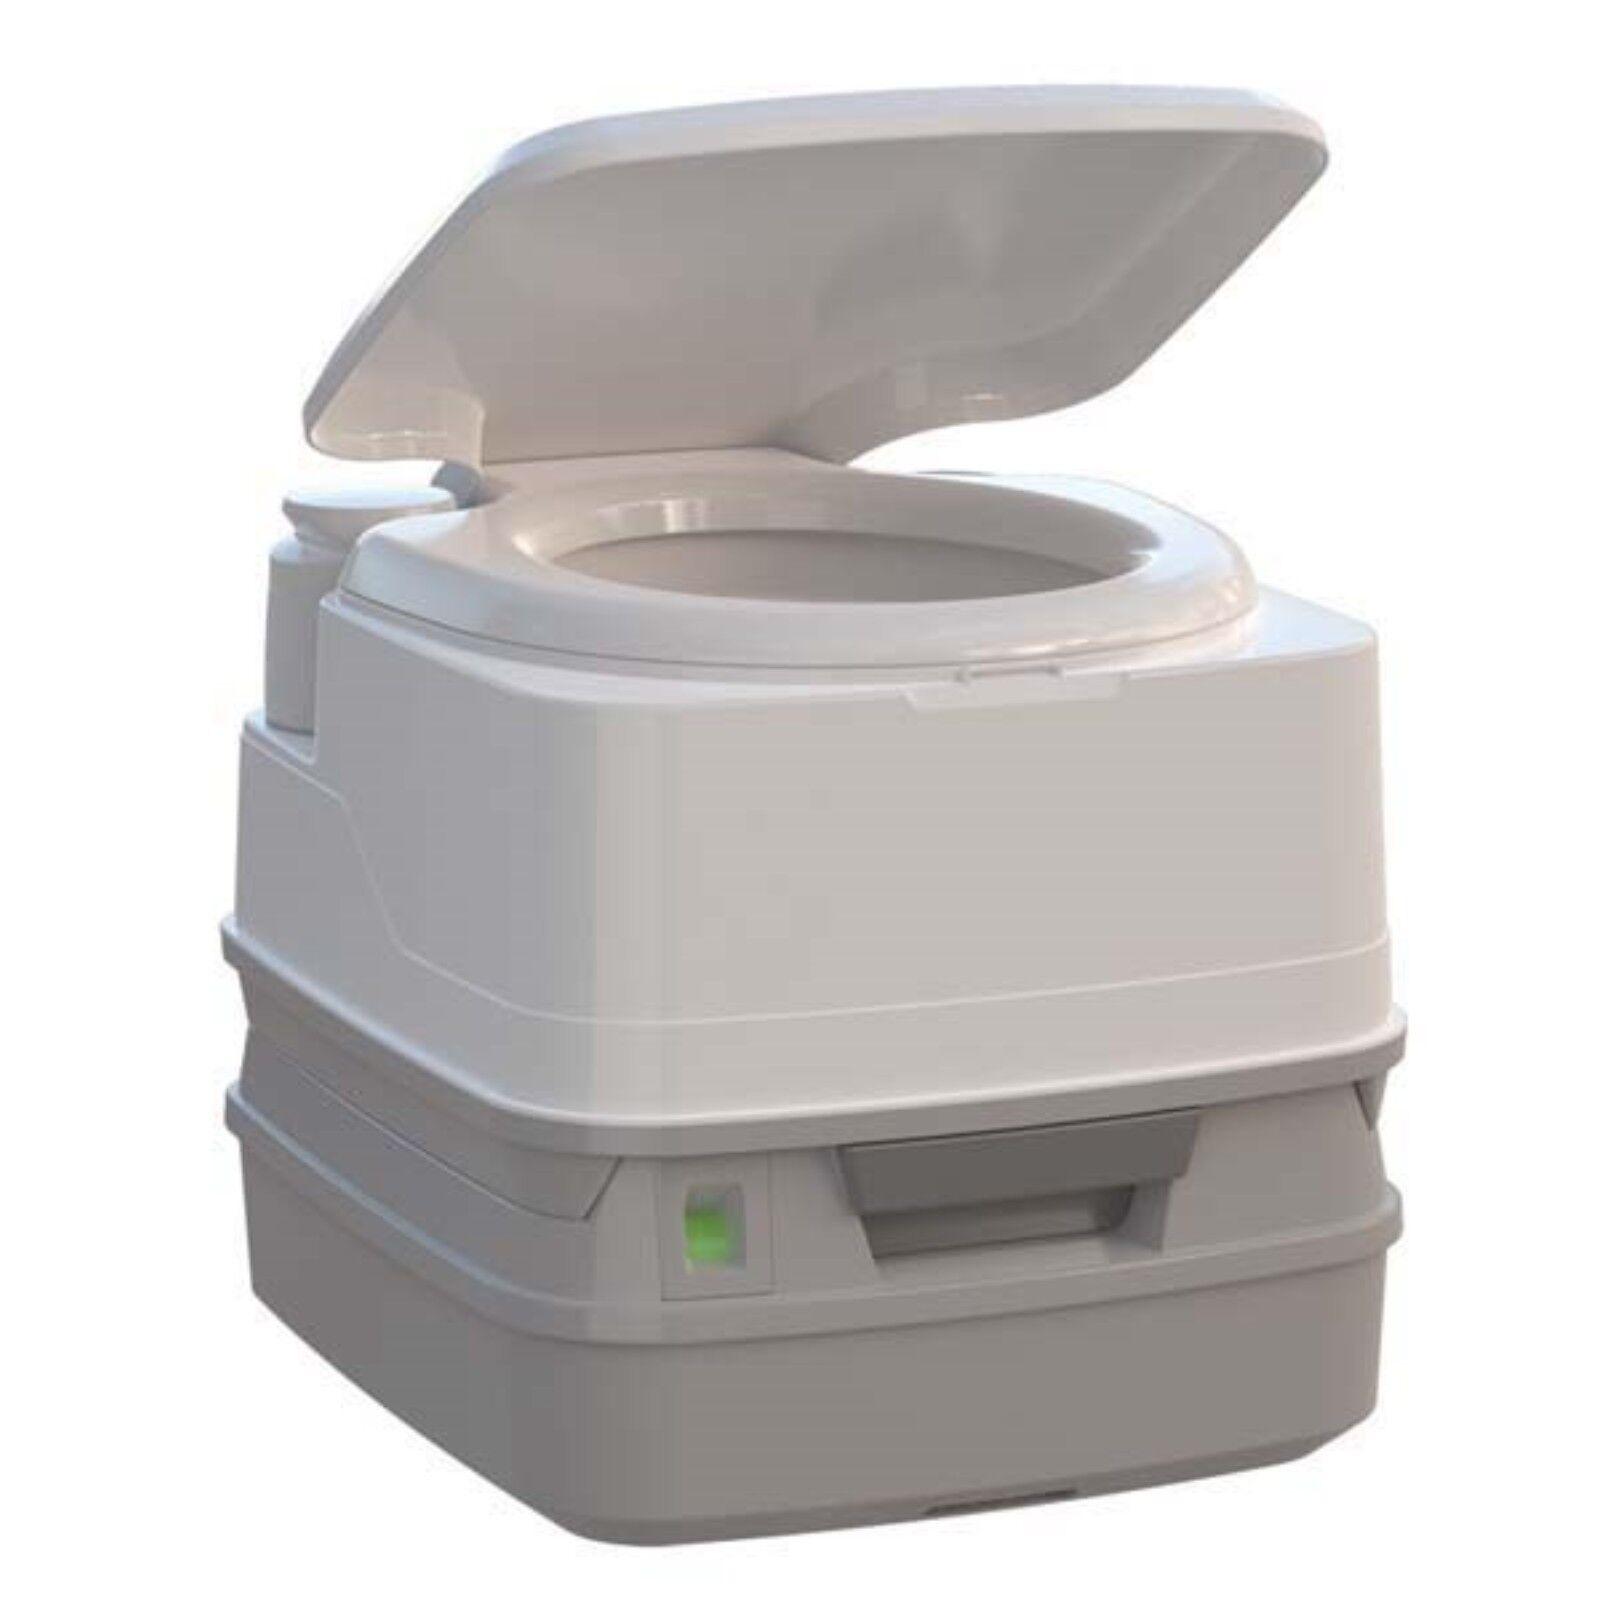 Thetford 92868 Porta Potti 260P MSD 2.6 Gallon Waste Water